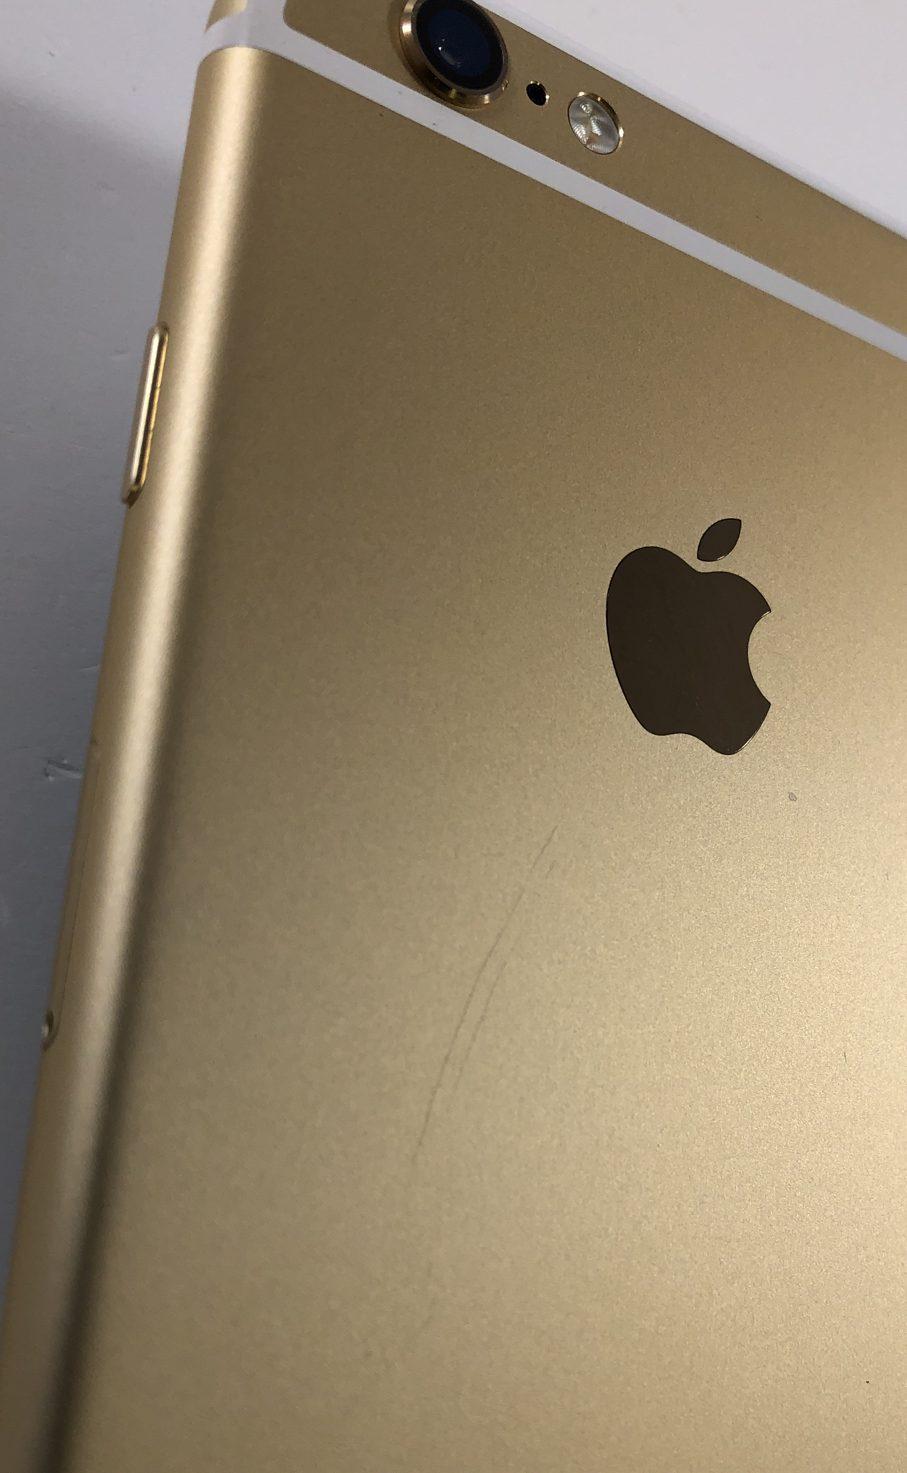 iPhone 6S 32GB, 32GB, Gold, bild 3